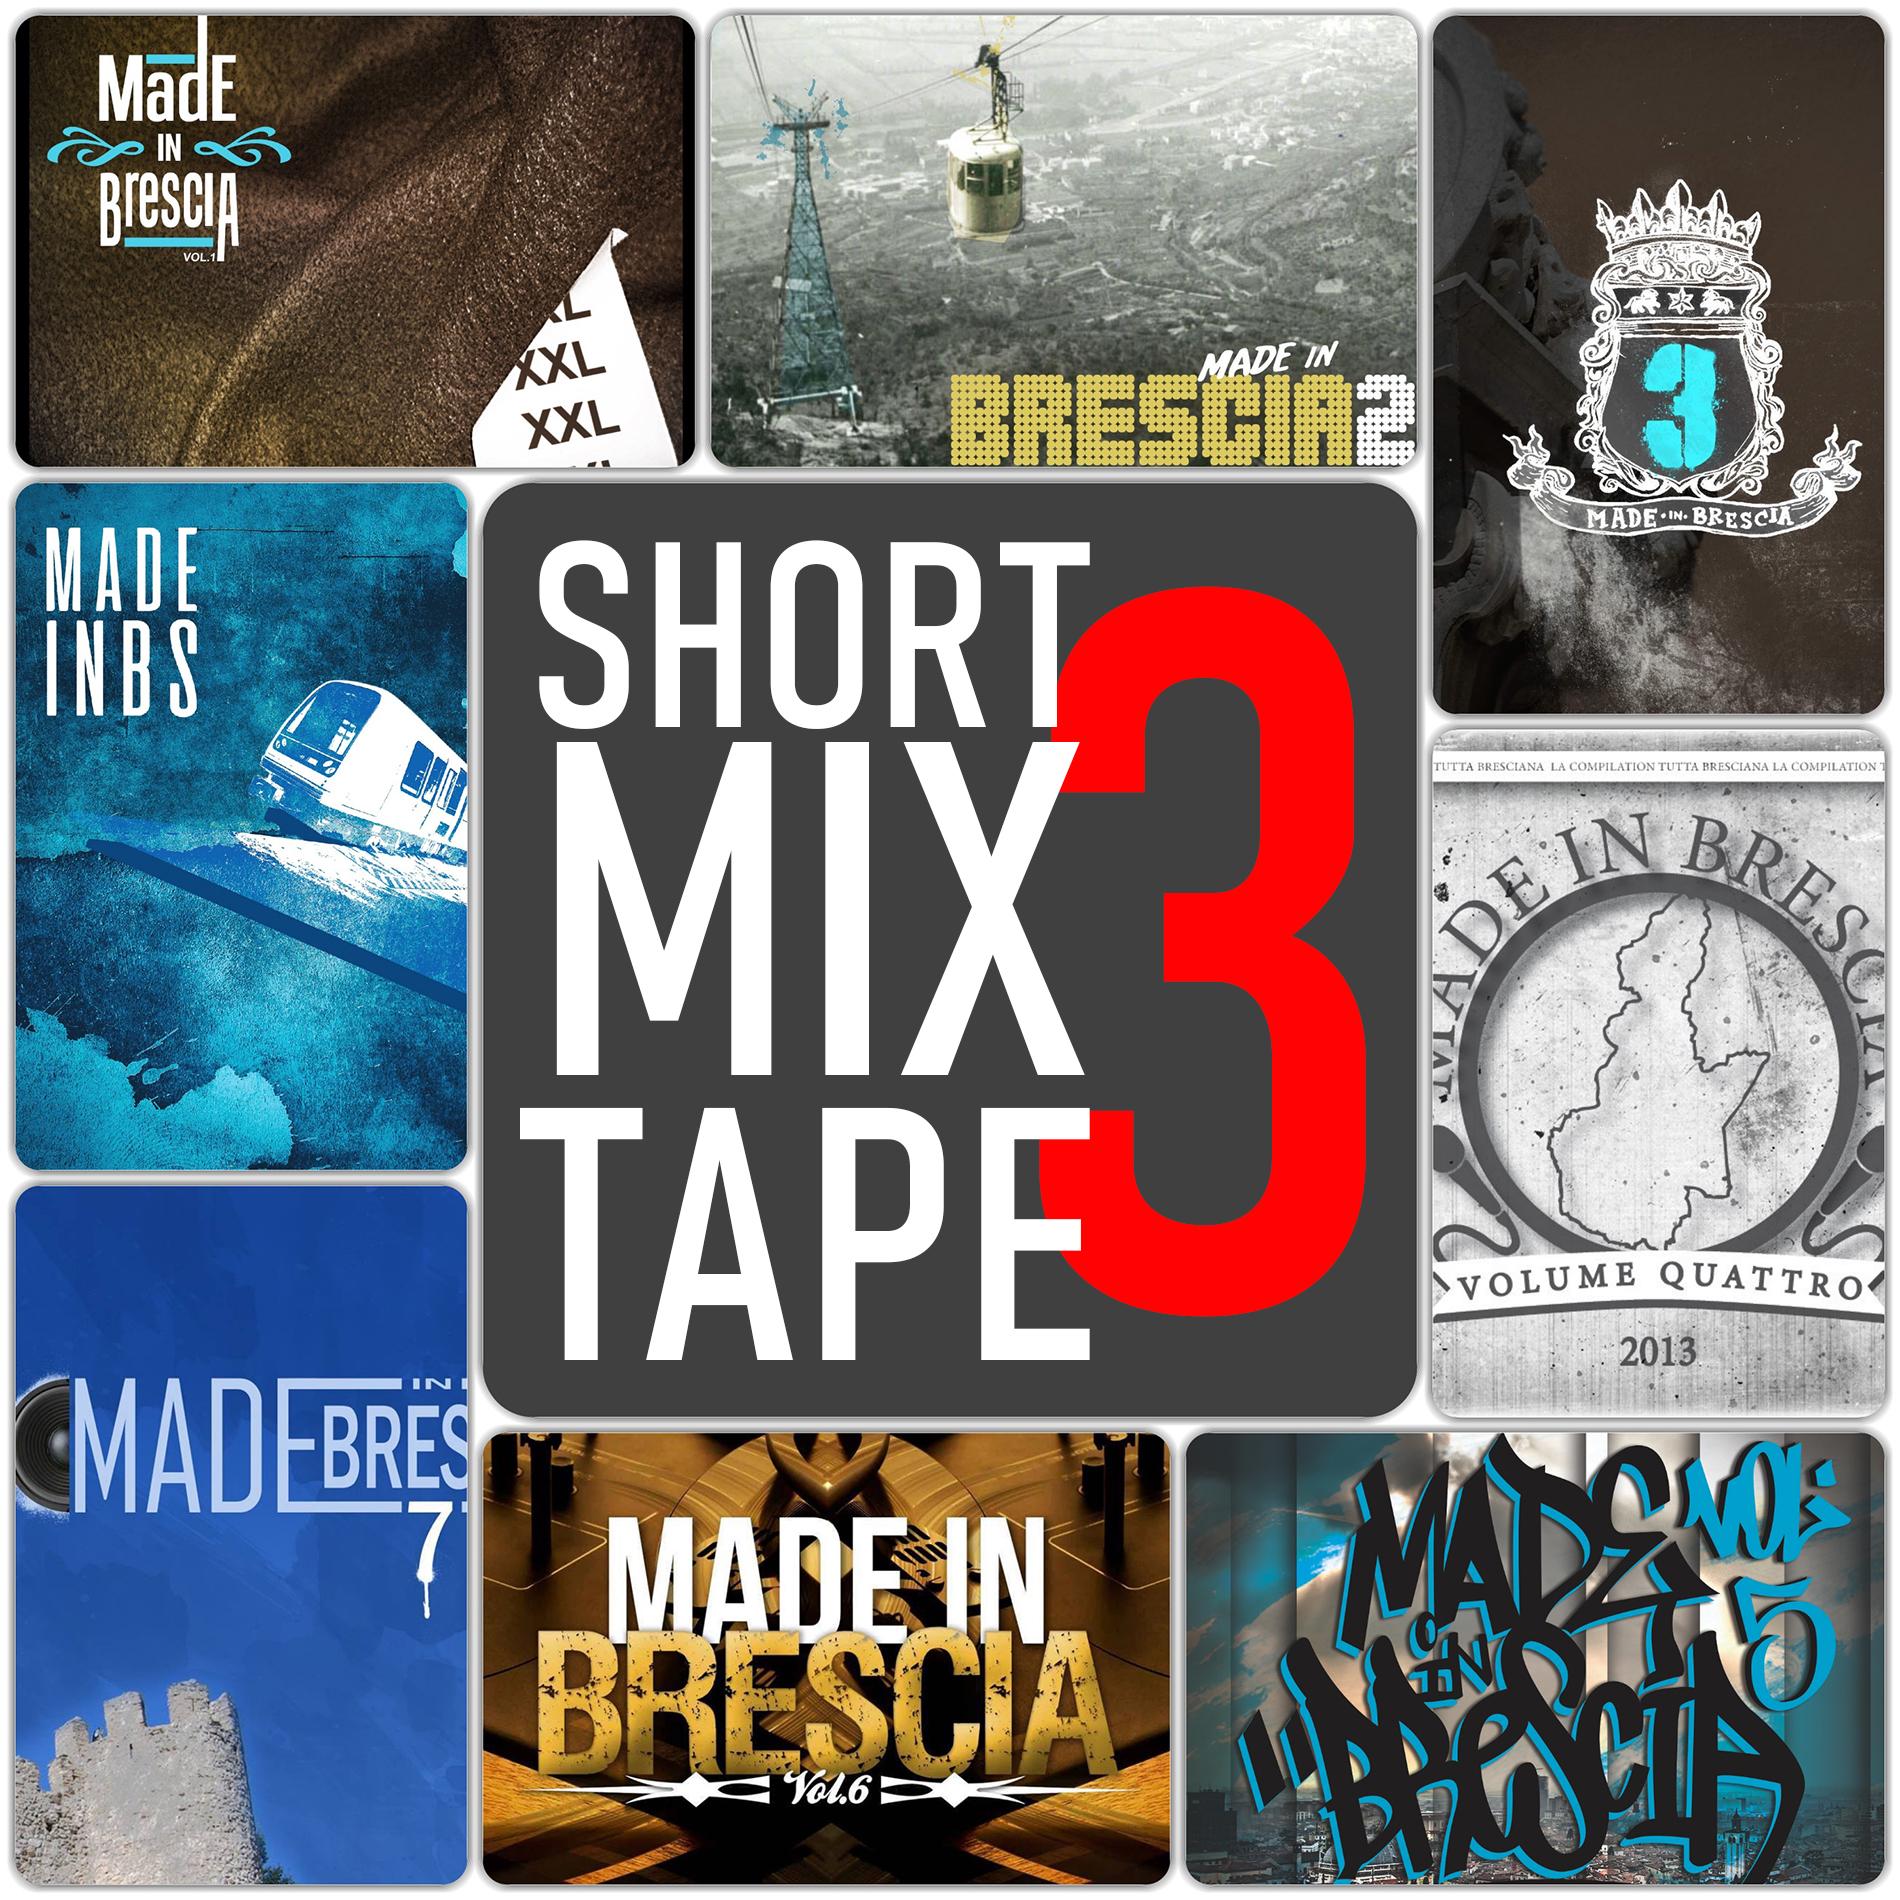 Short Mixtape Made in Brescia n°3